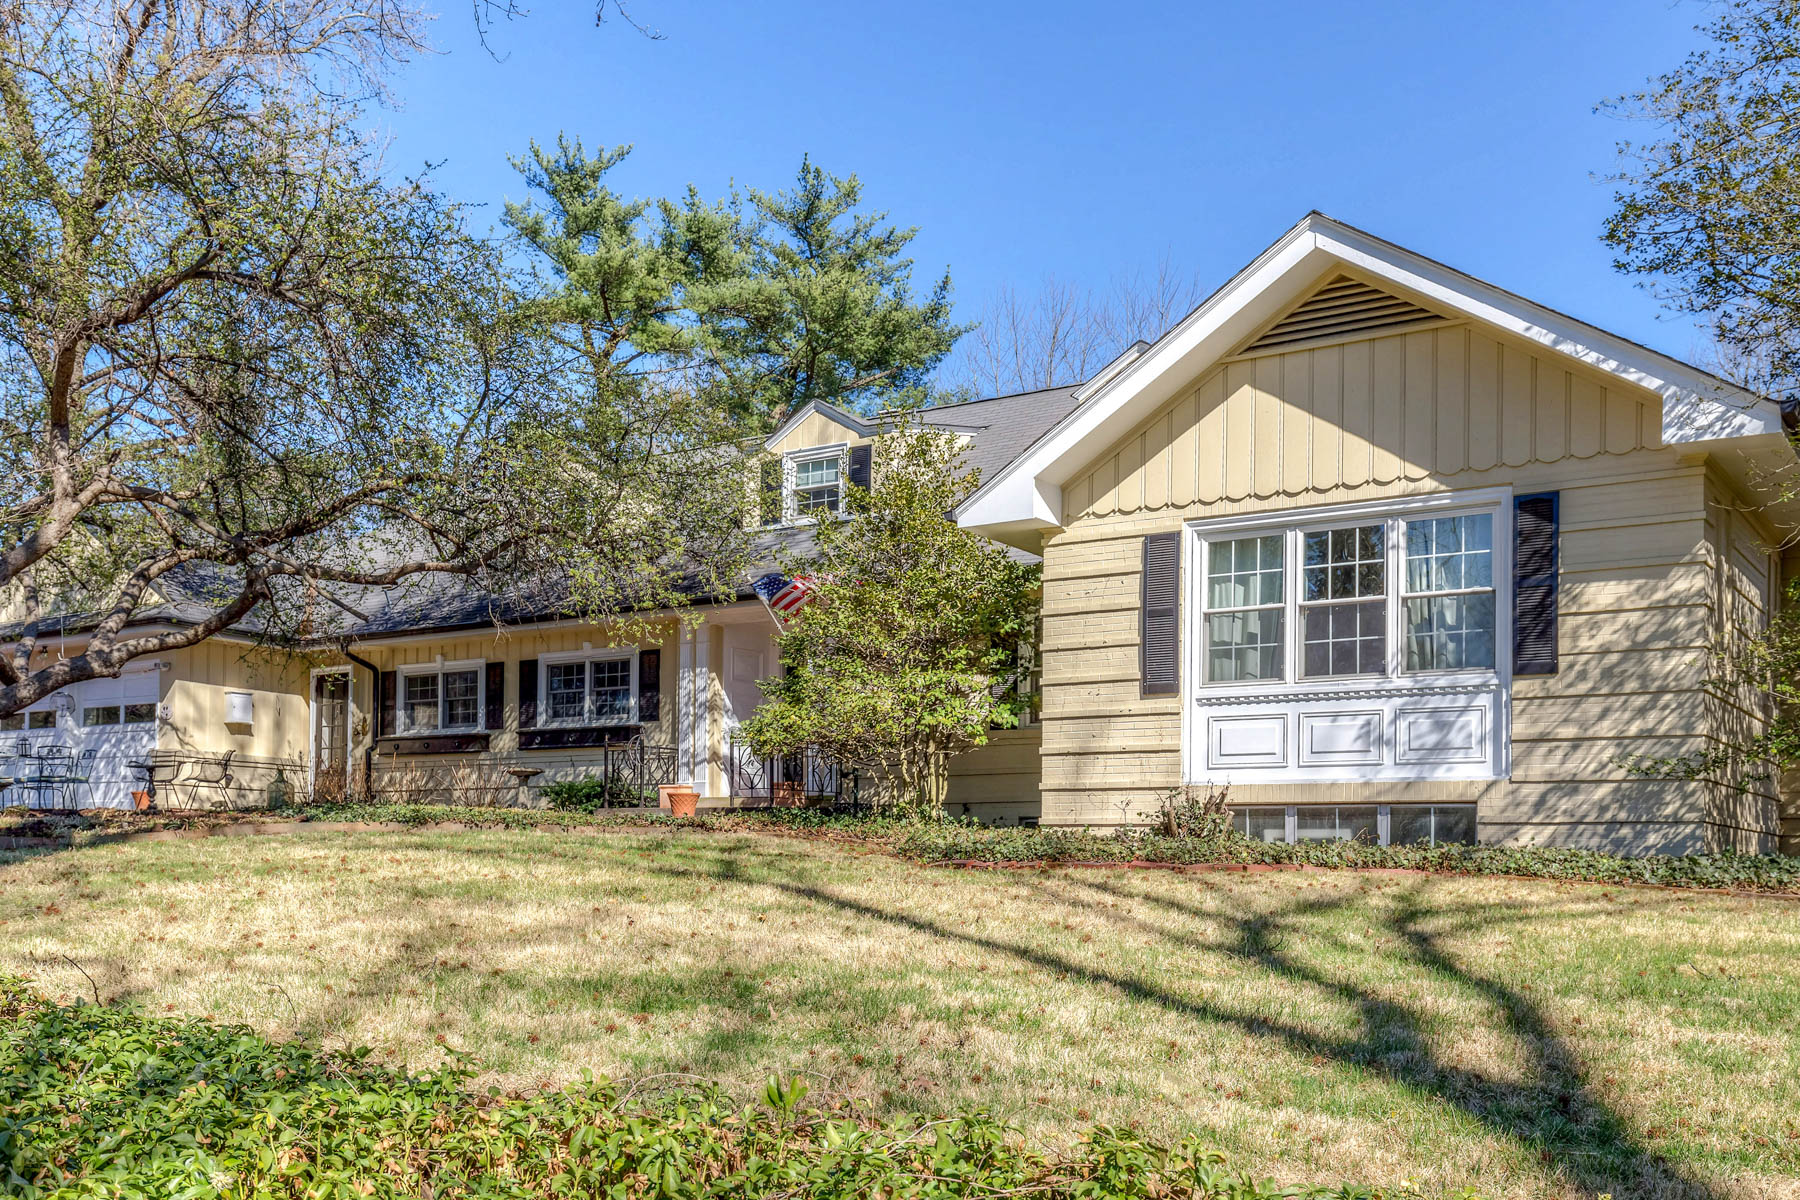 Casa para uma família para Venda às Charming Colonial Cottage 3 Clermont Lane Ladue, Missouri, 63124 Estados Unidos